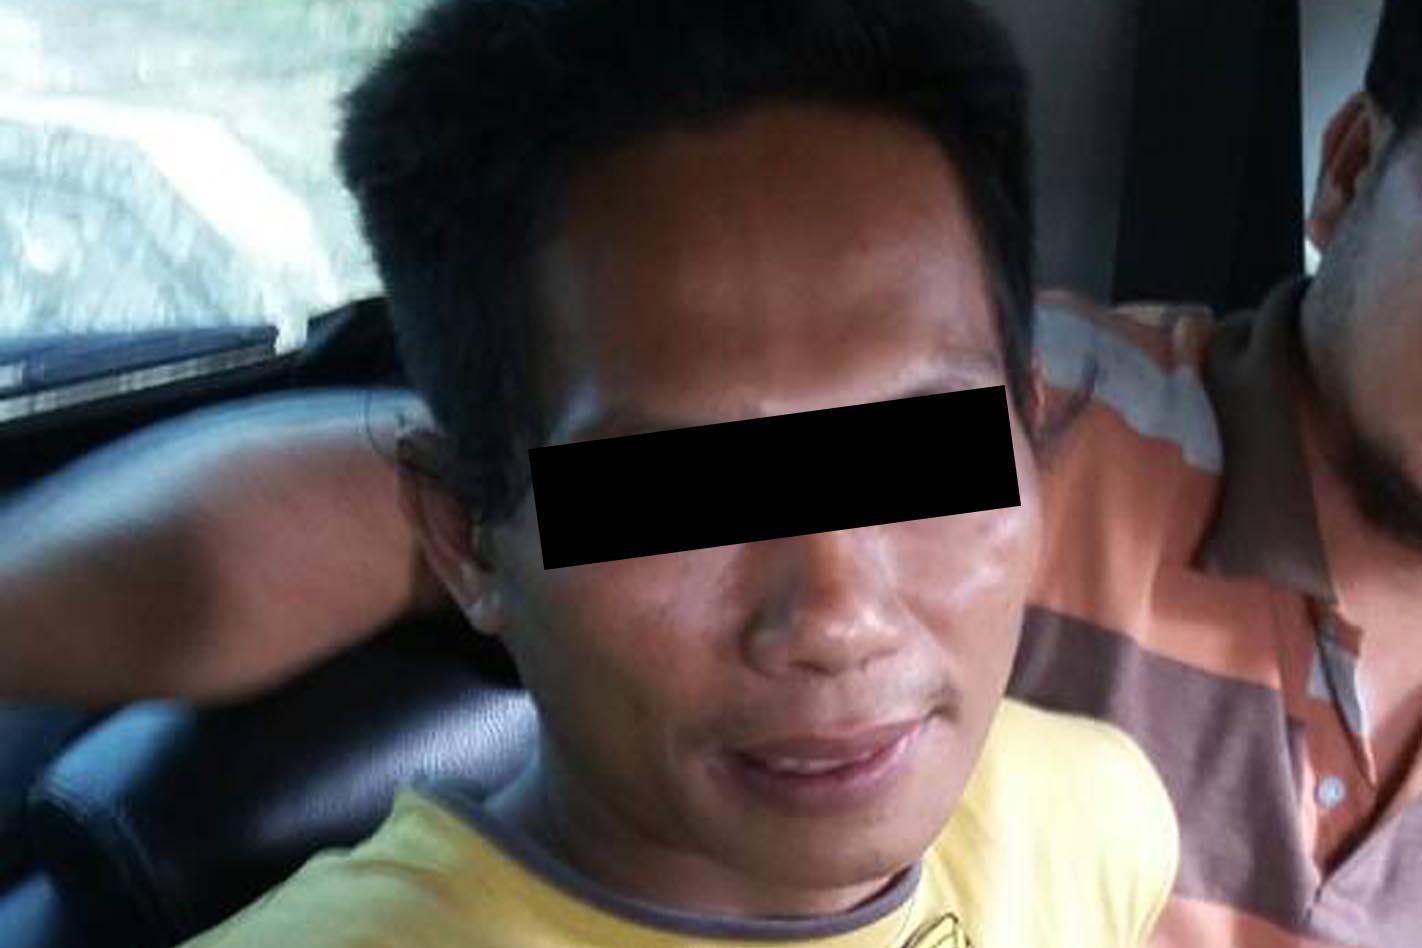 Kurang Dari 6 Jam, Polisi Kepahiang Berhasil Tangkap Pelaku Penganiayaan Sadis